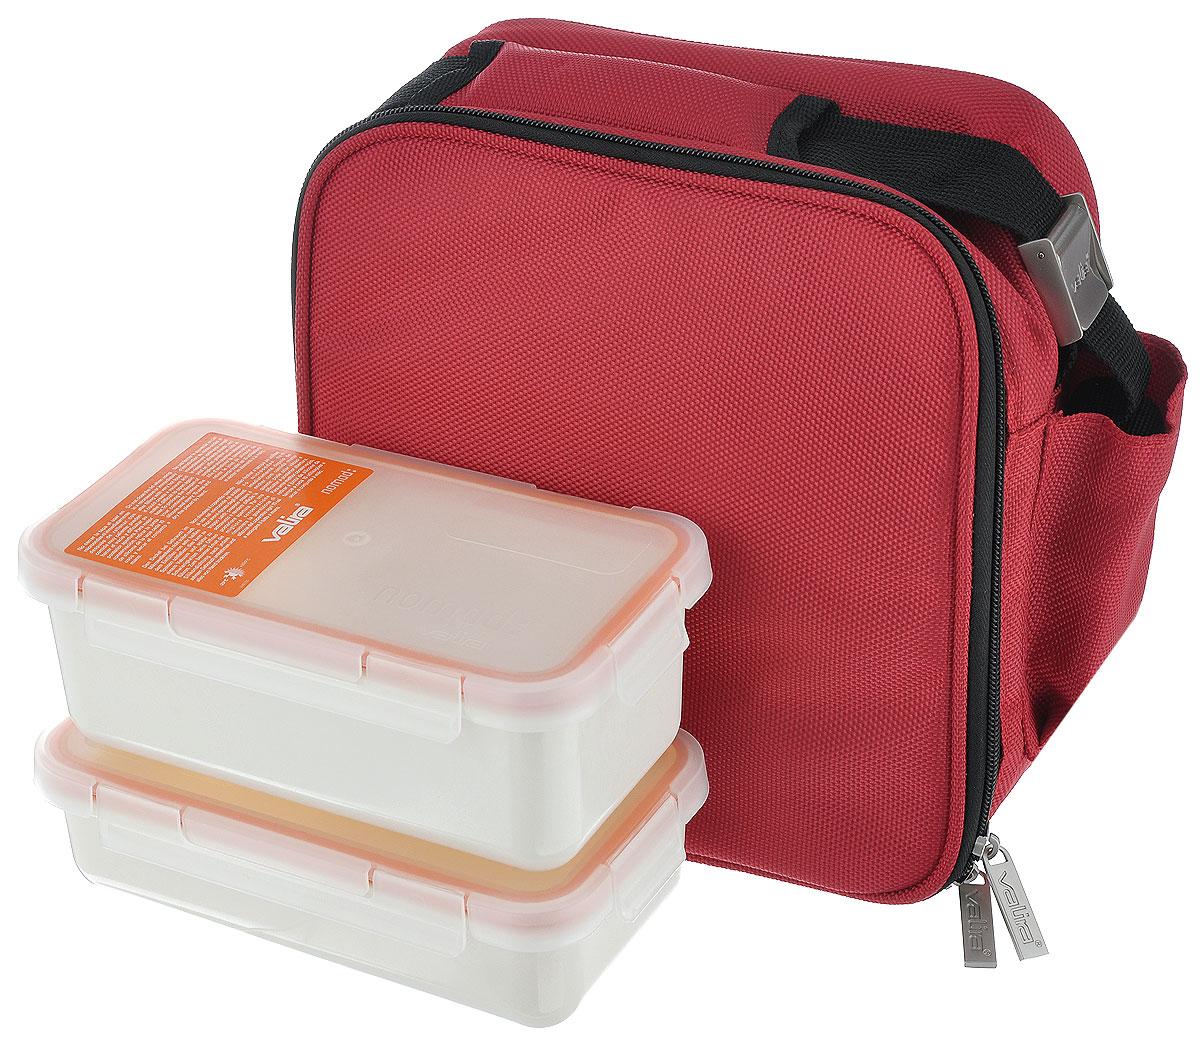 Сумка для ланча Valira Nomad Soft, с 2 контейнерами, цвет: красный6129/12Сумка для ланча Valira Nomad Soft - это удобная и стильная термосумка небольшого размера, которая надолго сохраняет температуру пищи. Сумка выполнена из гигиеничного непромокаемого нейлона. Внутри отделана термоизоляционным металлизированным материалом, сохраняющим еду горячей и вкусной. За сумкой очень легко ухаживать, внутренняя поверхность легко очищается влажной тряпкой. Сумка закрывается на молнию, внутри имеется сетчатый карман. Для удобства переноски предусмотрен плечевой ремень. На лицевой стороне сумки большой карман закрывается на молнию. В комплекте - 2 контейнера разного объема с крышками, плотно закрывающиеся на защелки. Контейнеры выдерживают температуру от -20°С до +200°С, их можно использовать в микроволновой печи и холодильнике. Размер сумки: 22 см х 13 см х 22 см. Объем контейнеров: 500 мл, 750 мл. Размер контейнеров (без учета крышки): 18,5 см х 10 см х 4 см, 18,5 см х 10 см х 6 см.